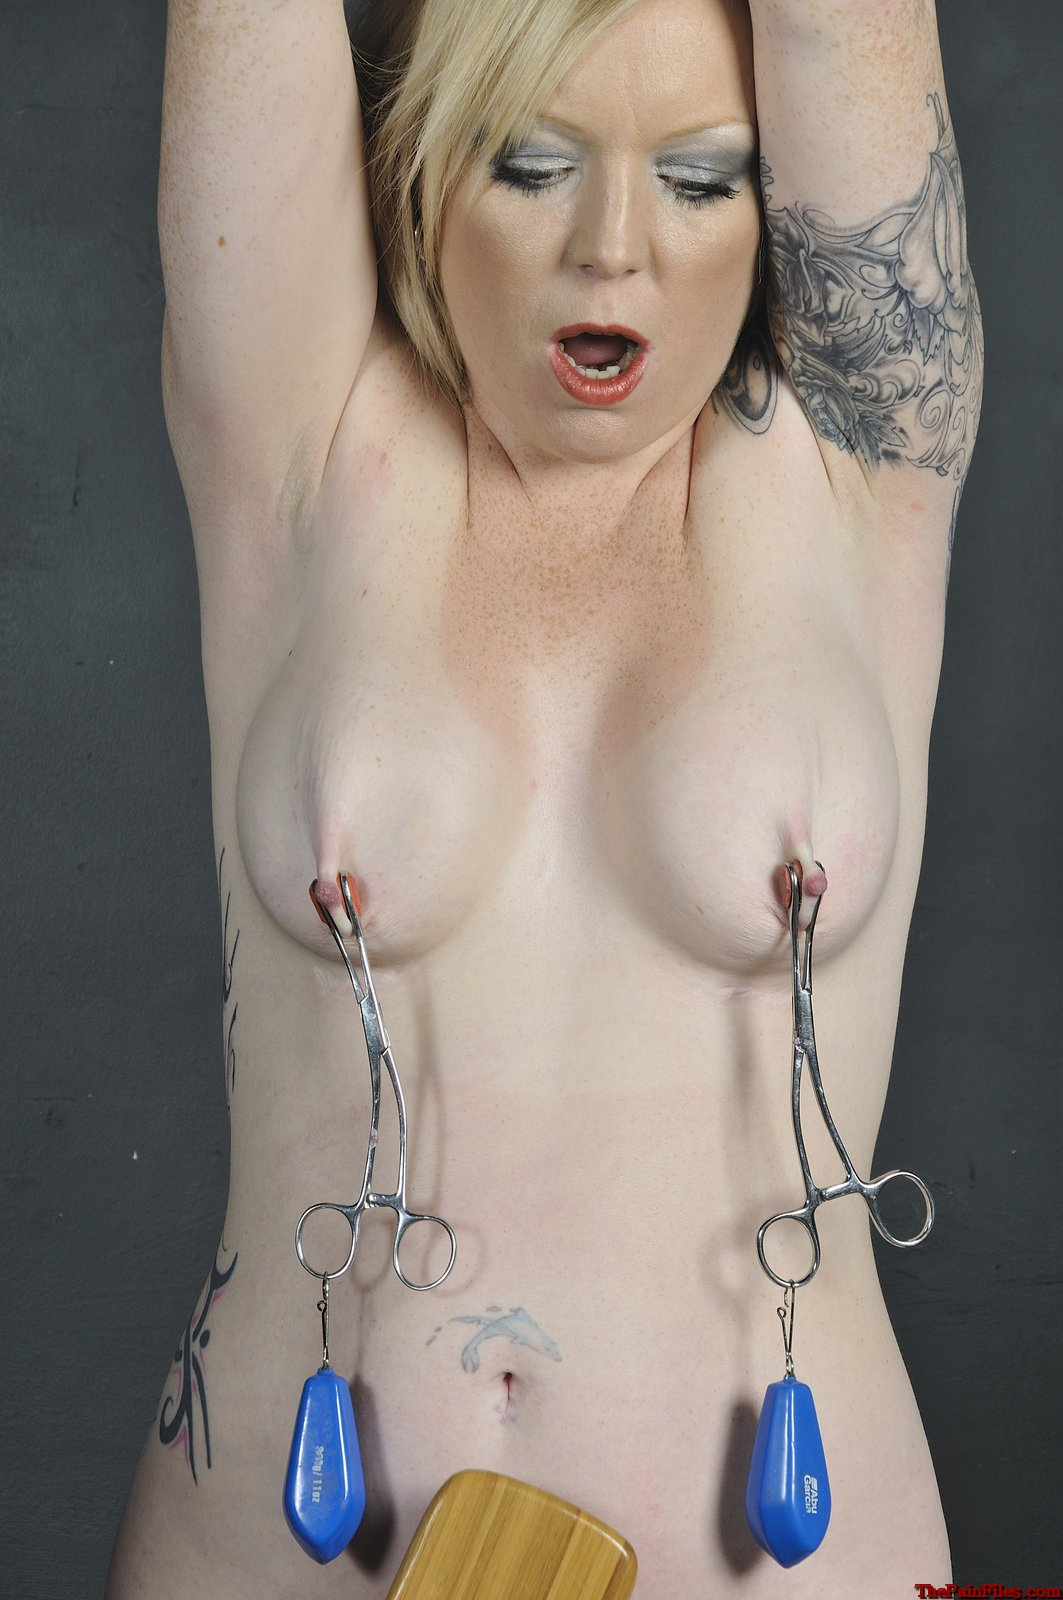 Painsluts erotic torture